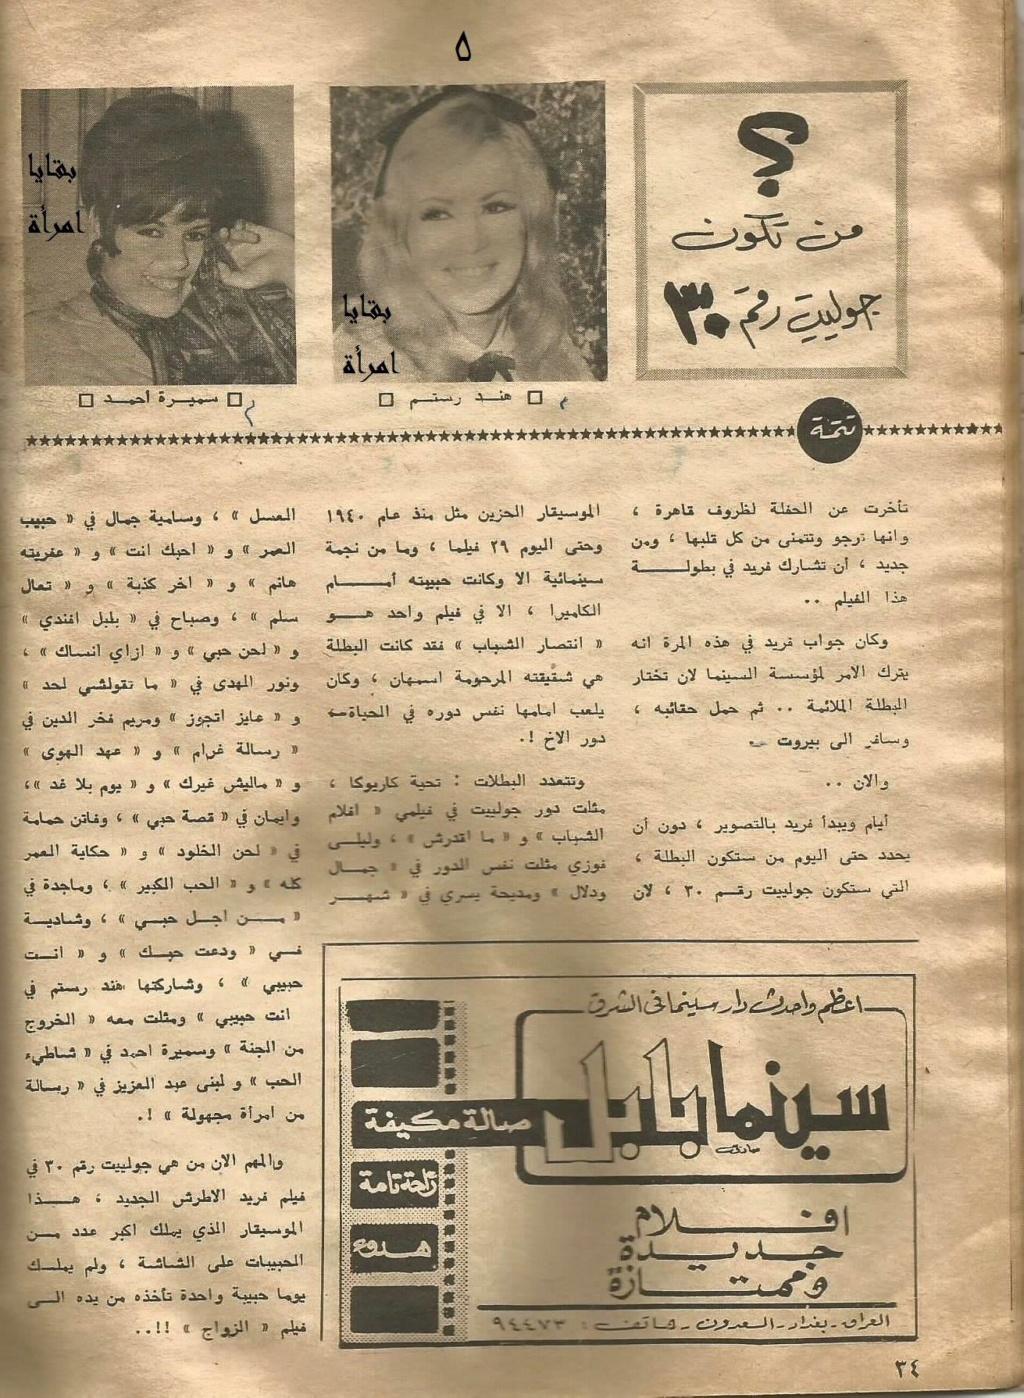 مقال - مقال صحفي : من تكون حولييت رقم 30 التي سيحبها فريد الأطرش ؟ 1971 م 536